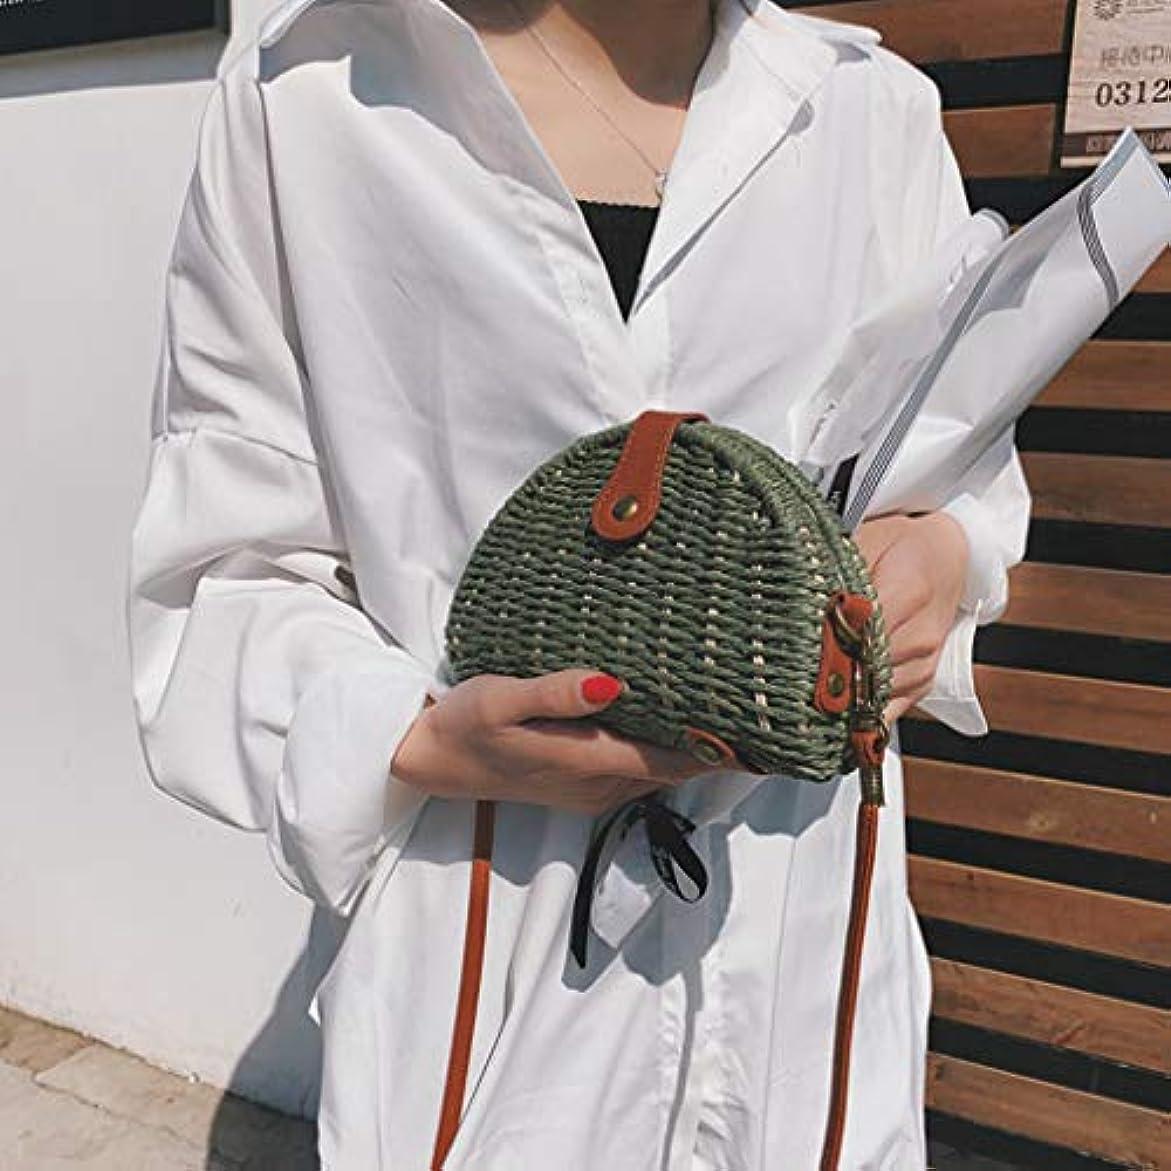 内訳ガウン交通女性ミニ織りビーチショルダーバッグレディースボヘミアンスタイルレジャーハンドバッグ、女性のミニ織クロスボディバッグ、レディースミニファッションビーチスタイルクロスボディバッグ (緑)